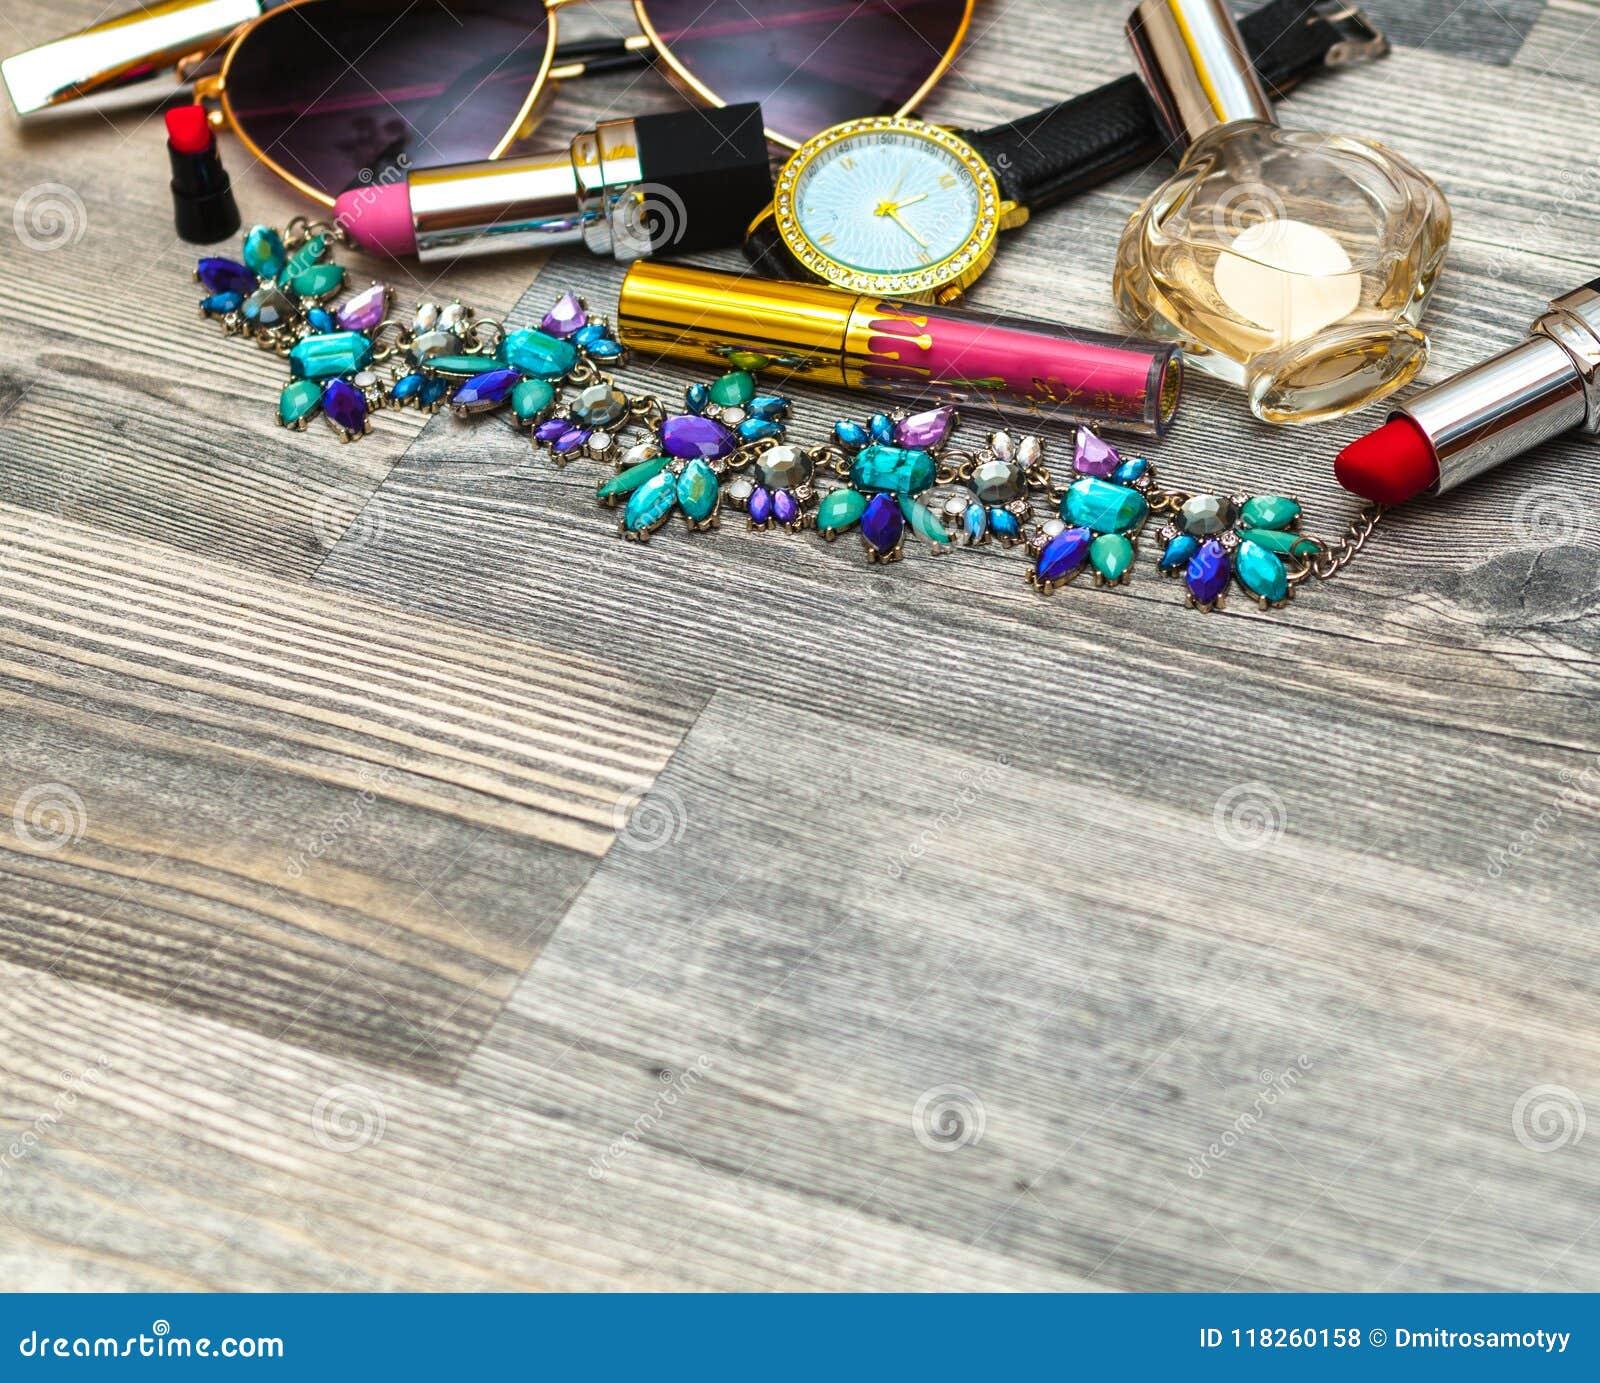 Gestileerde vrouwelijke flatlay met glazen, lippenstift, parfum, horloge, tegenhanger, gestreept overhemd en spot omhoog op witte